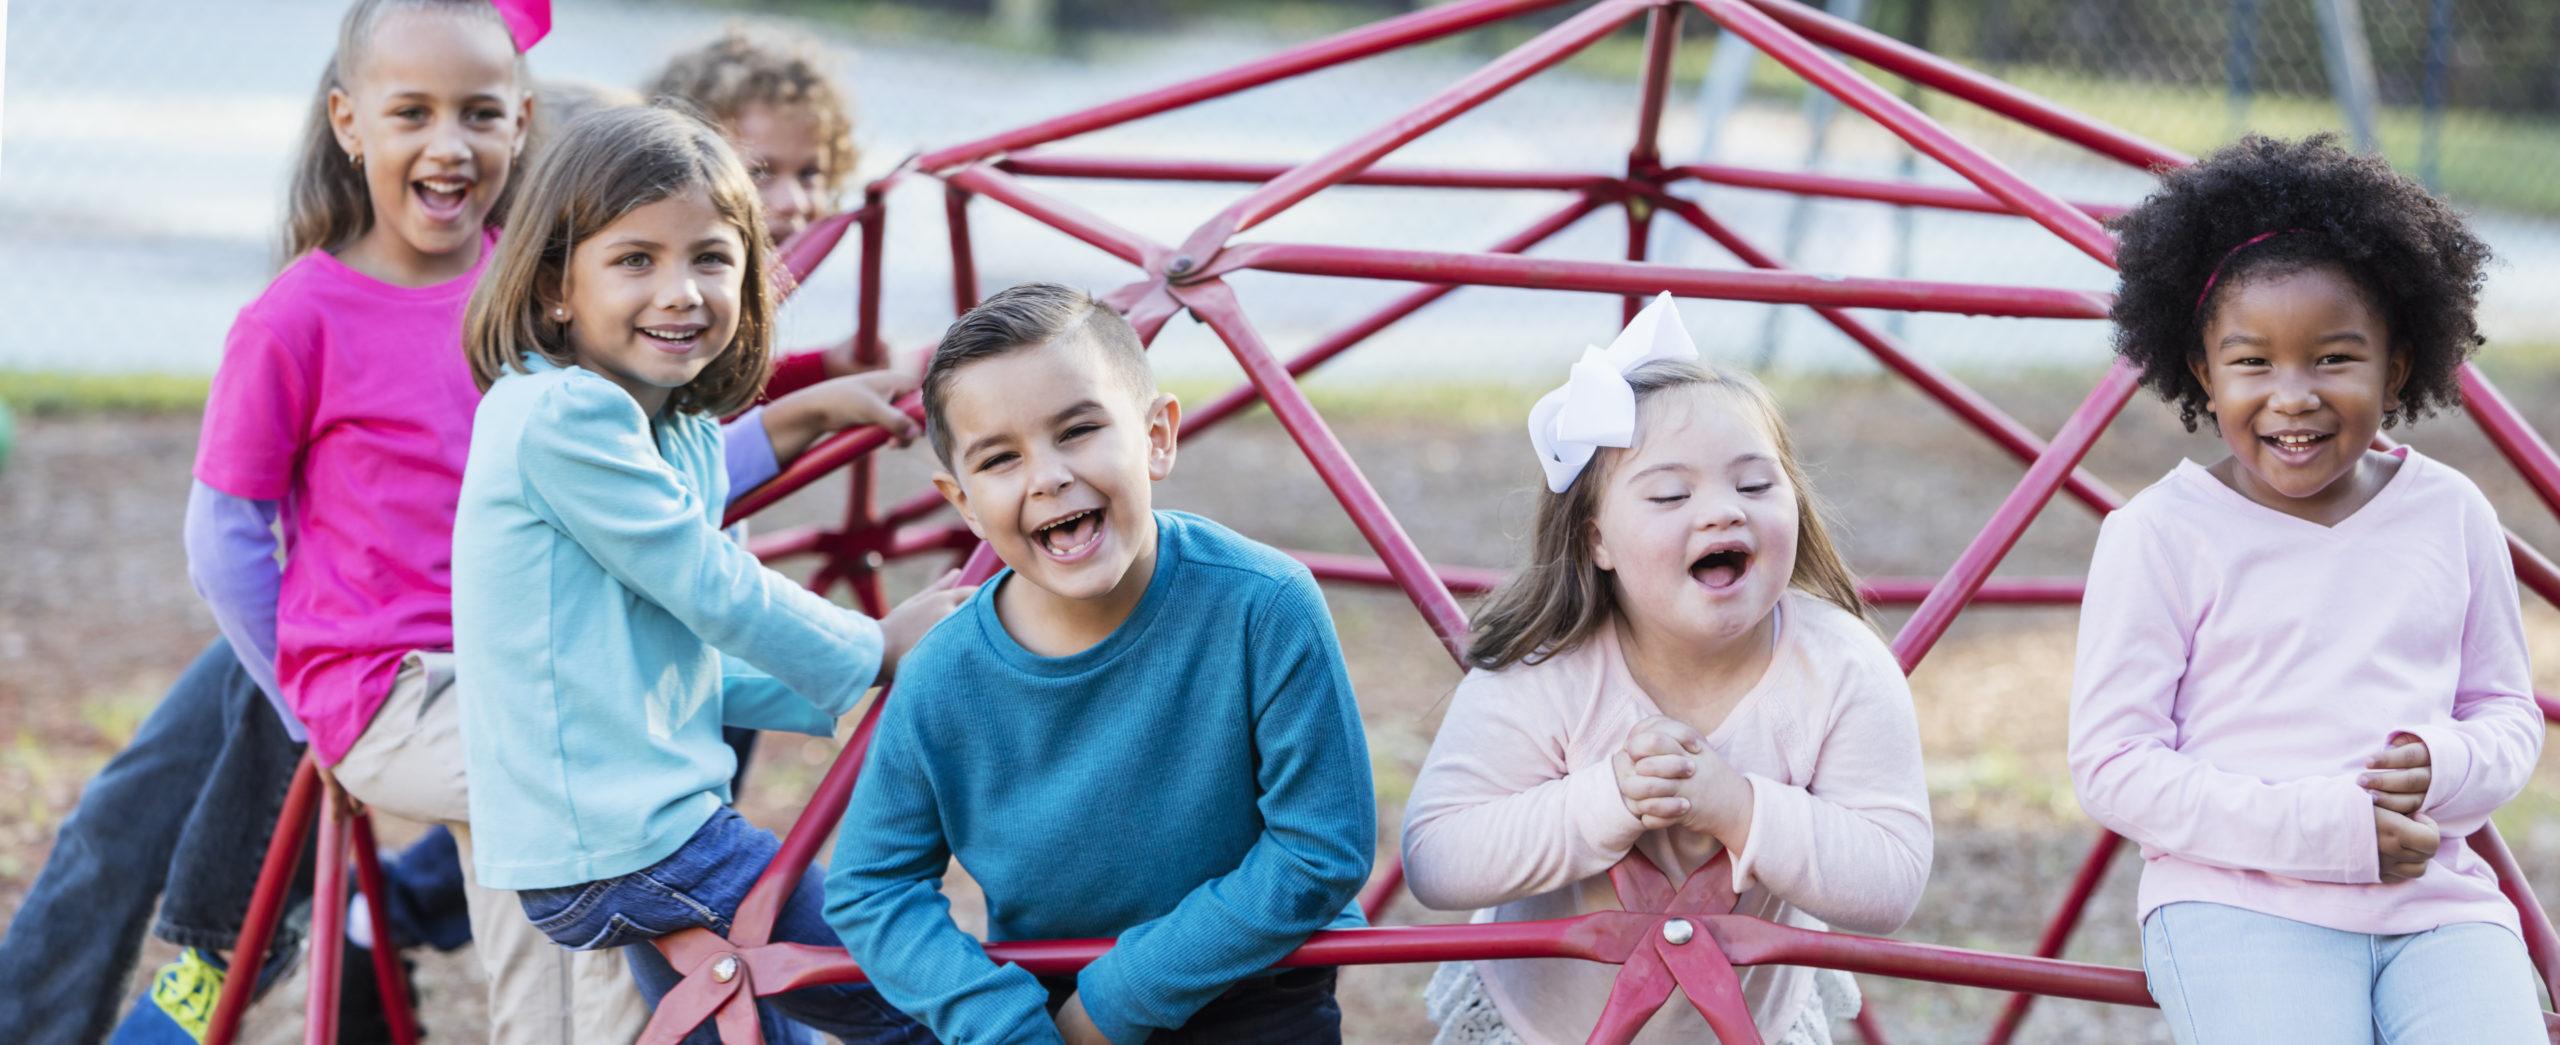 enfants dans structure de jeux